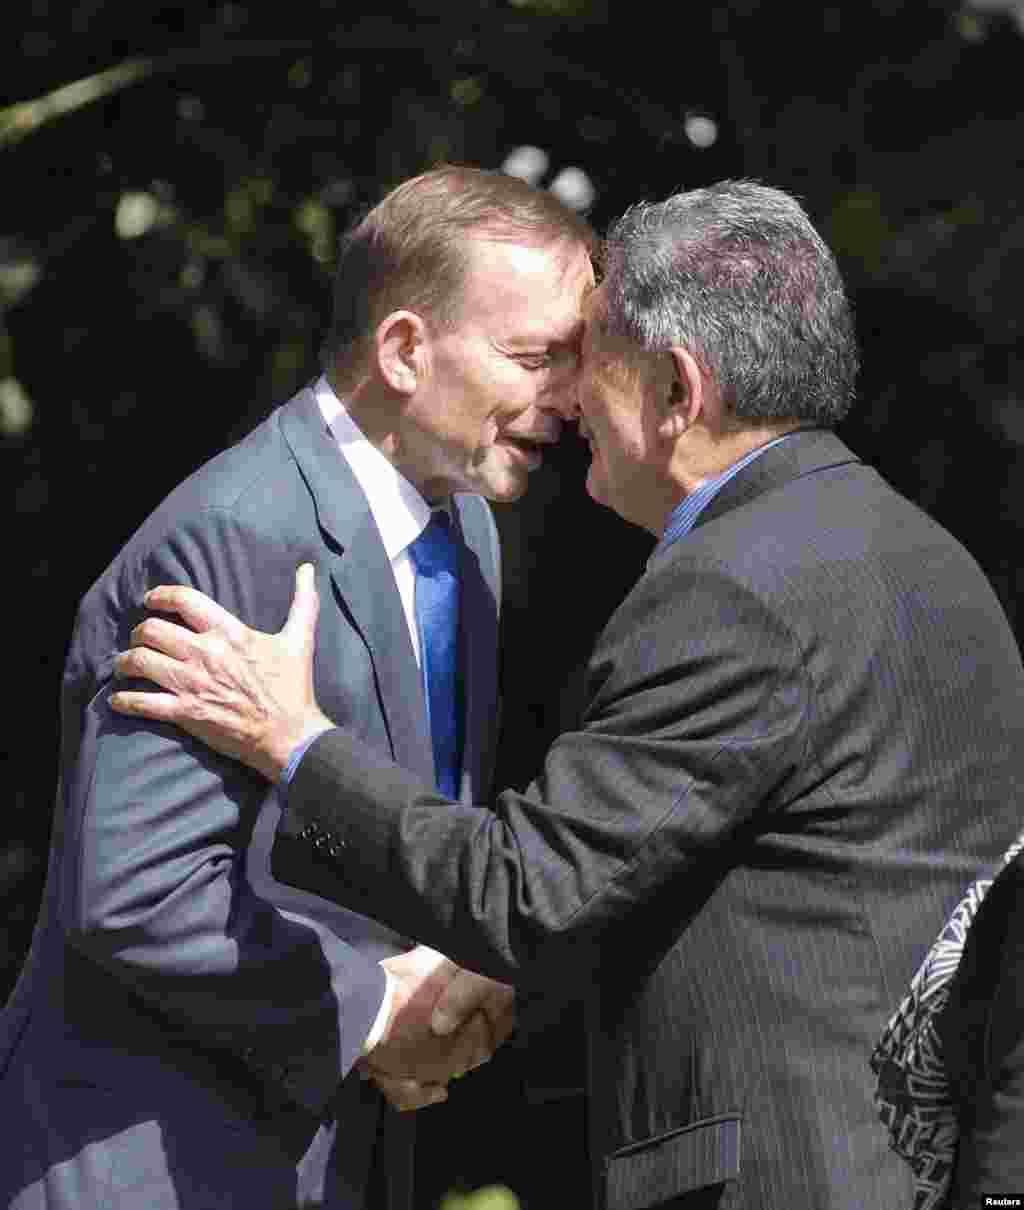 Глава новозеландского плмени Маори Льюис Мойо приветствует премьер-министра Австралии Тони Эббота. Традиция тереться носами друг о друга в качестве приветствия давно существует у маори